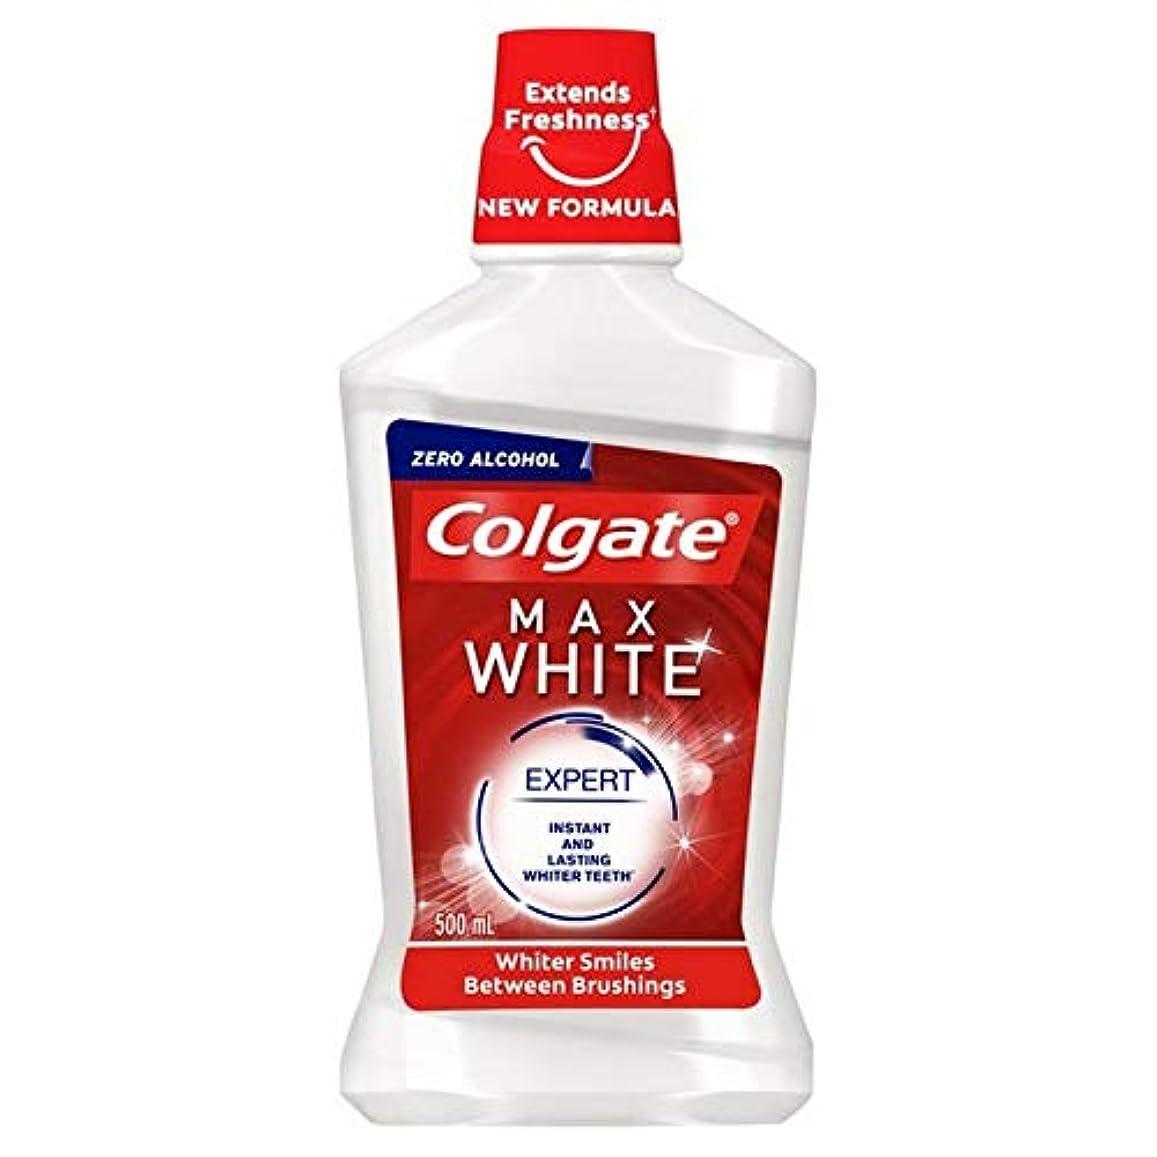 敬礼しないアプローチ[Colgate ] コルゲートマックスホワイトホワイトニングマウスウォッシュ500ミリリットル - Colgate Max White Whitening Mouthwash 500ml [並行輸入品]